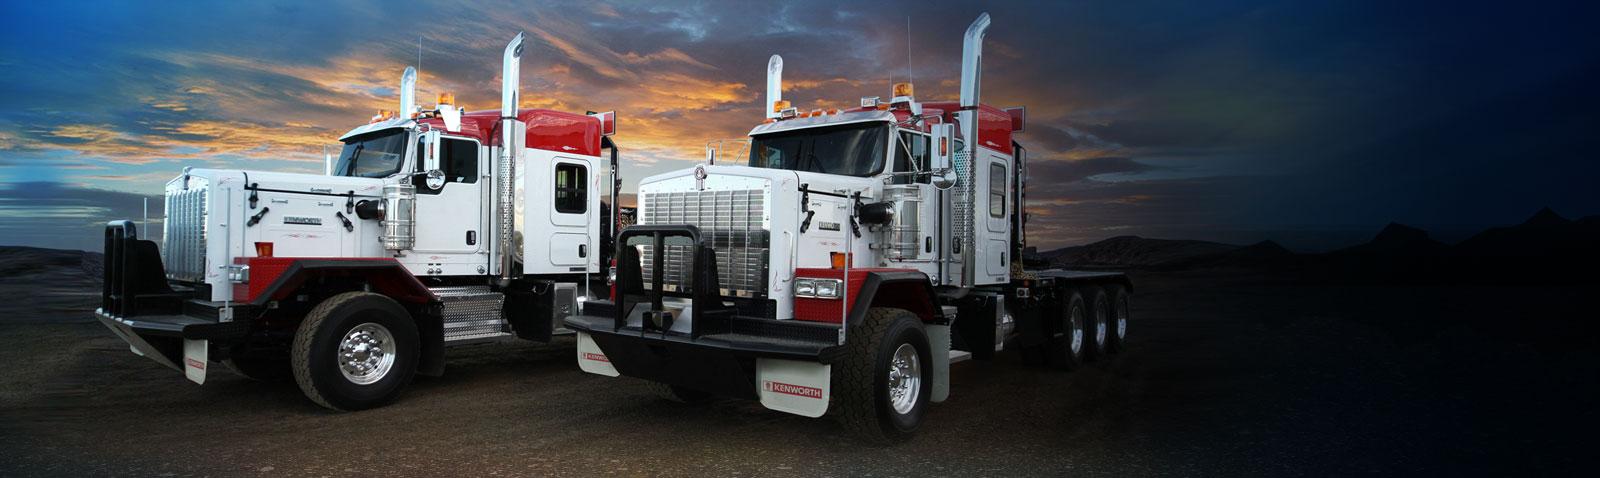 Kenworth C550 Truck